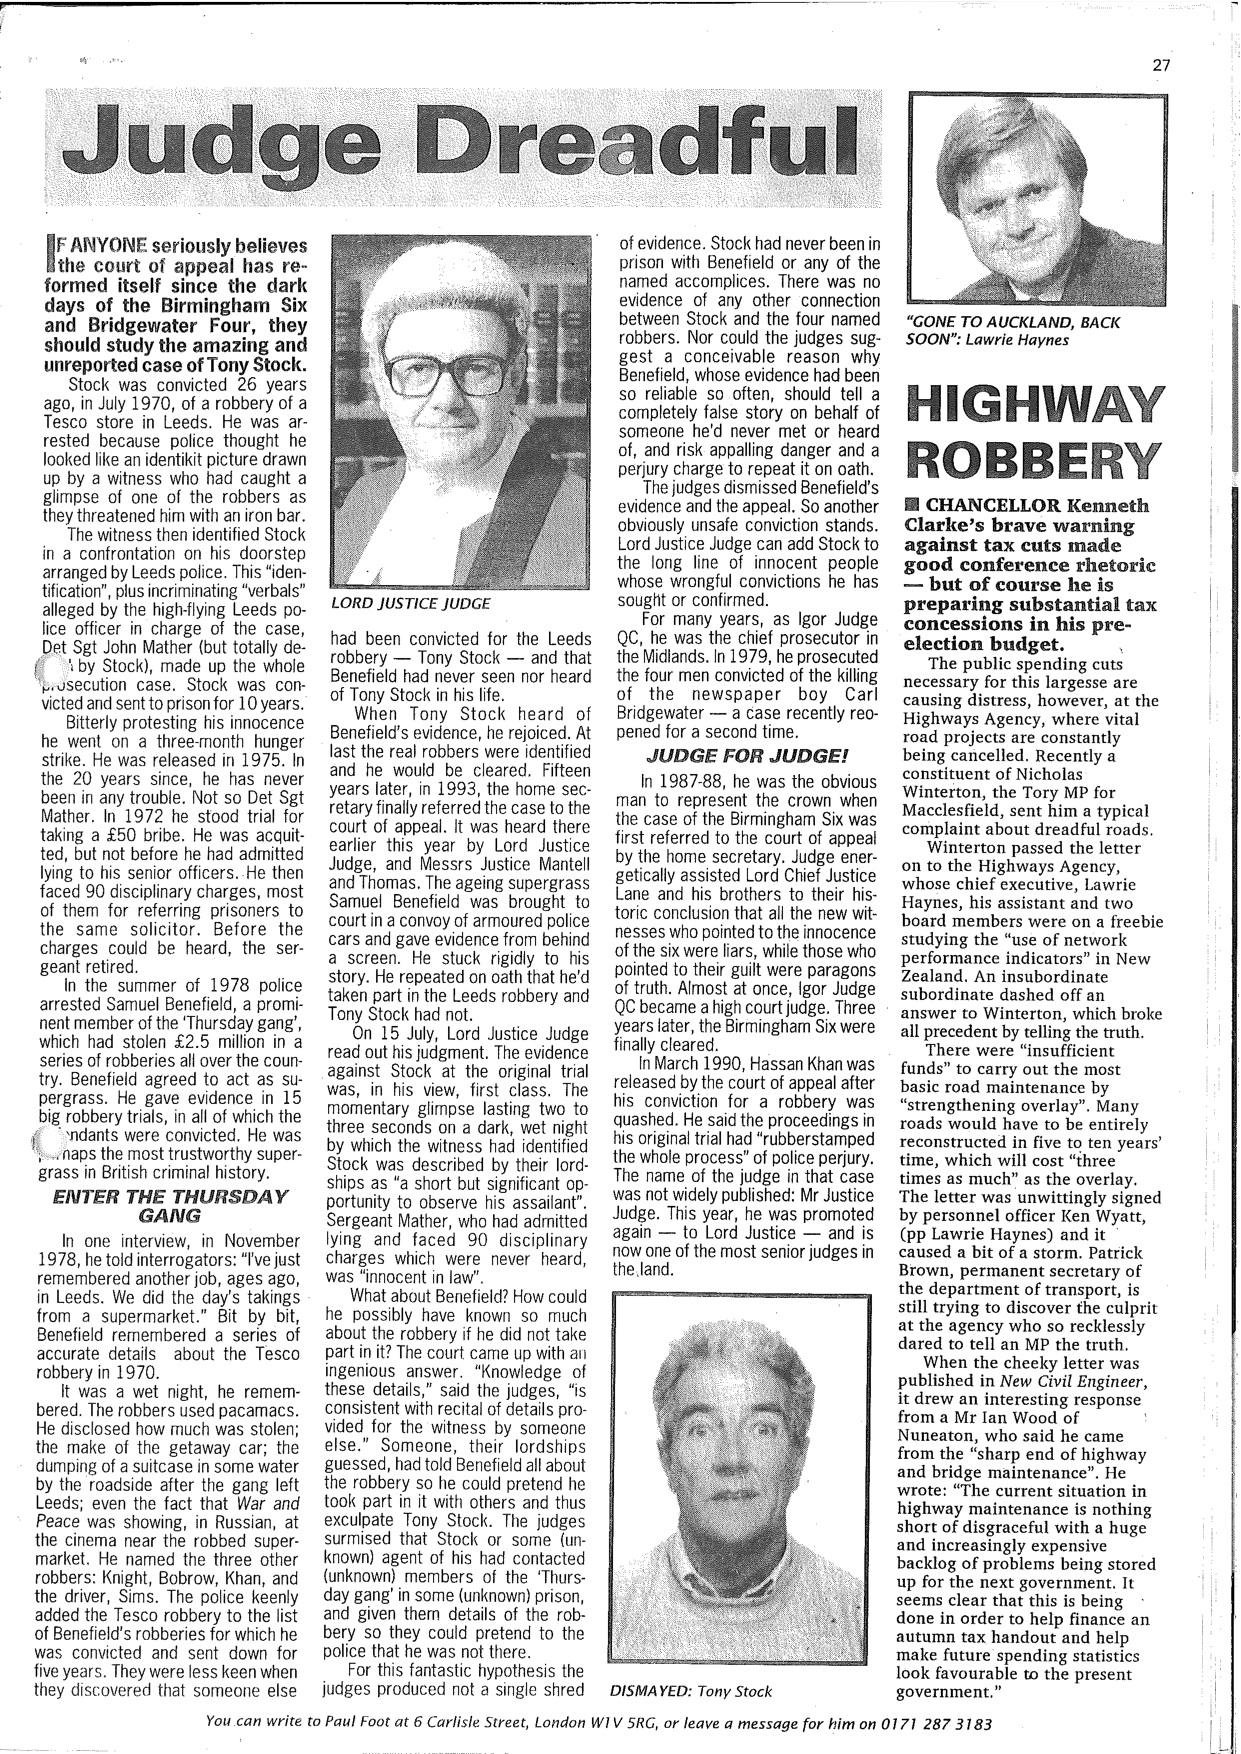 Paul Foot on Tony Stock, 1996